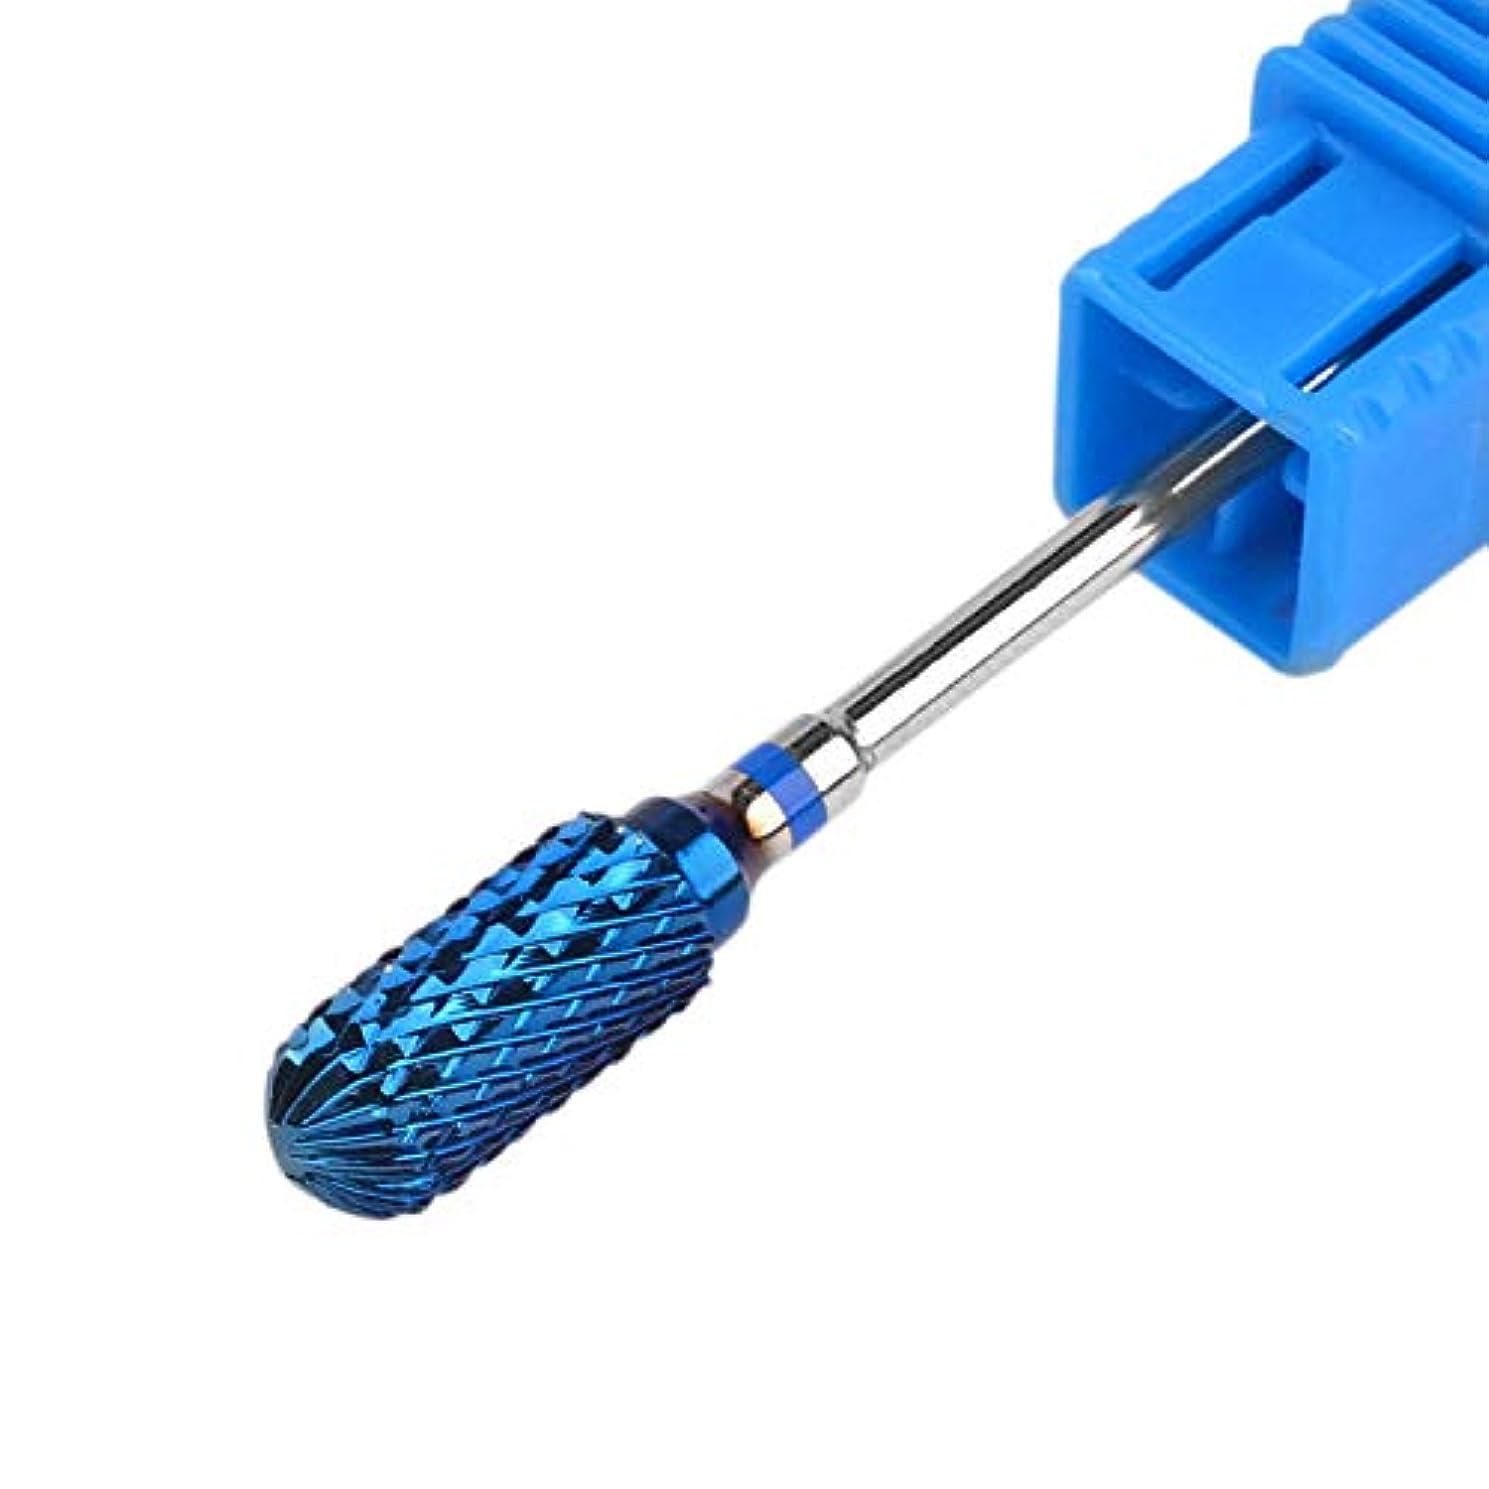 ハイブリッド吸収参加するTOOGOO Co6 タングステン鋼 ネイル用 メッキ タングステン鋼の研削ヘッド シングル-タイプ 電動ネイル用研削盤のツール